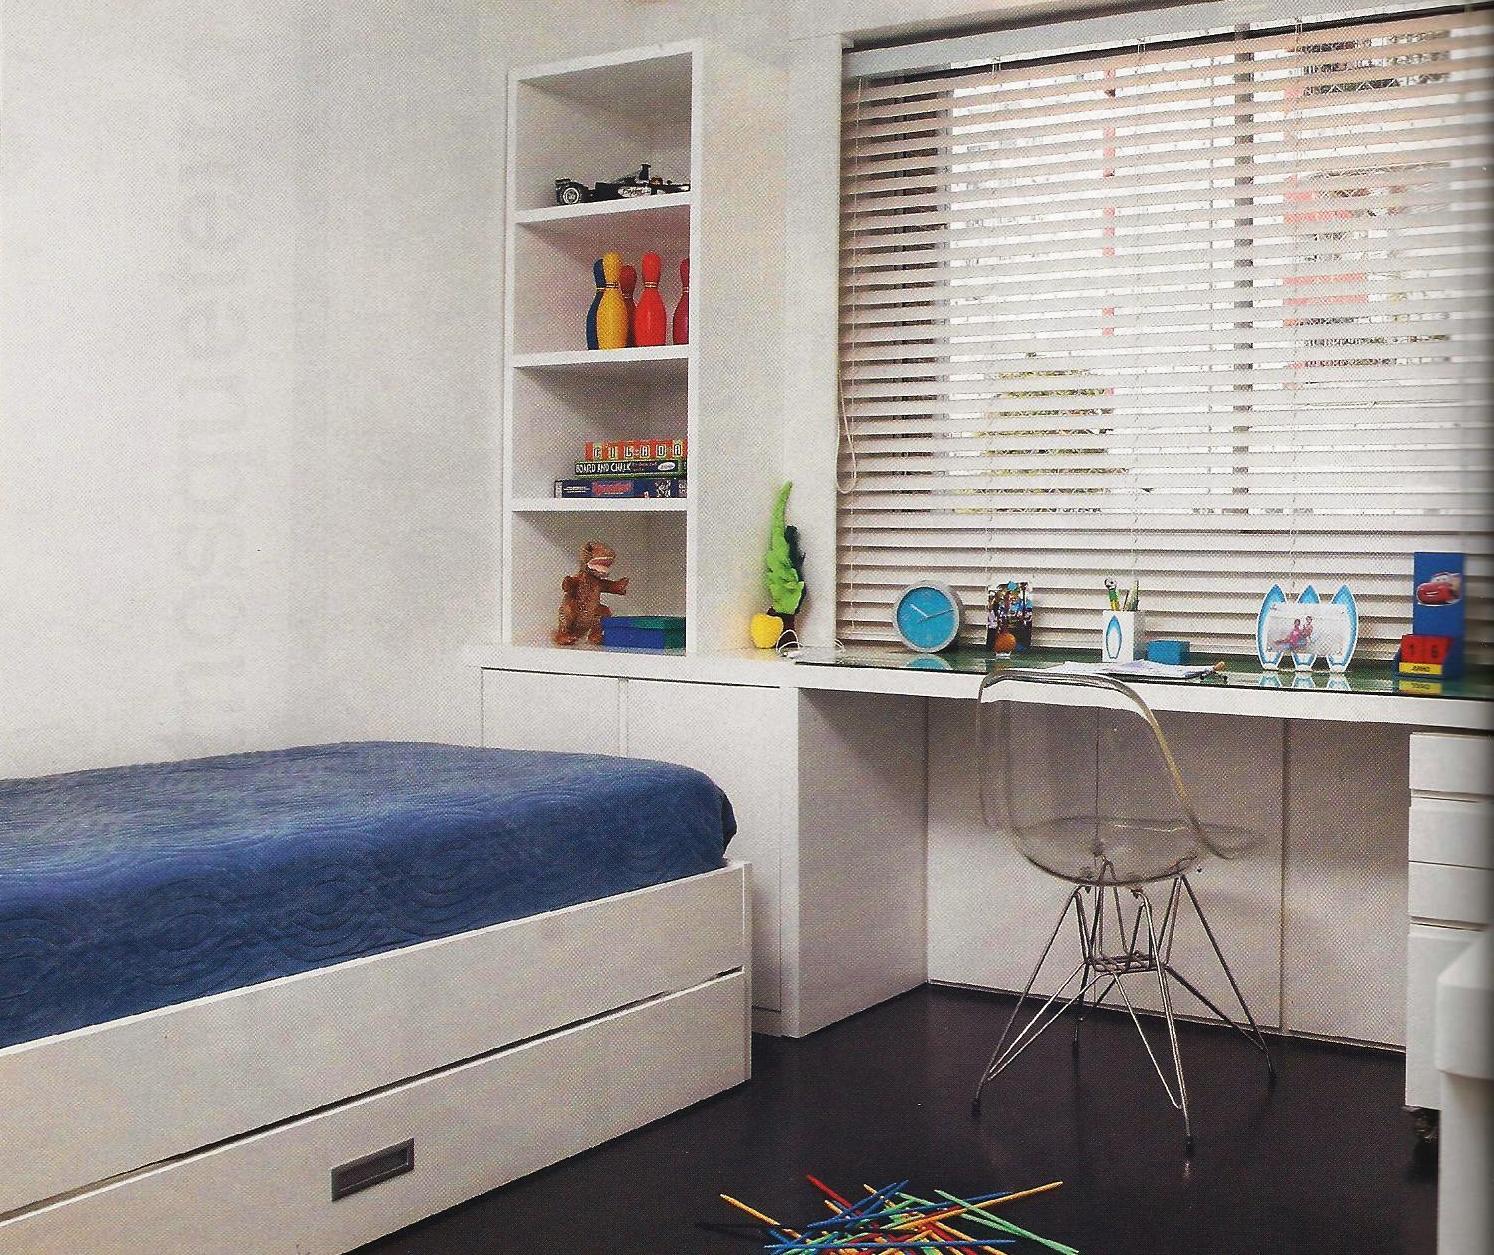 decoracao de quartos para ambientes pequenos : decoracao de quartos para ambientes pequenos:Decoração de Quartos Pequenos, Dicas para Decorar